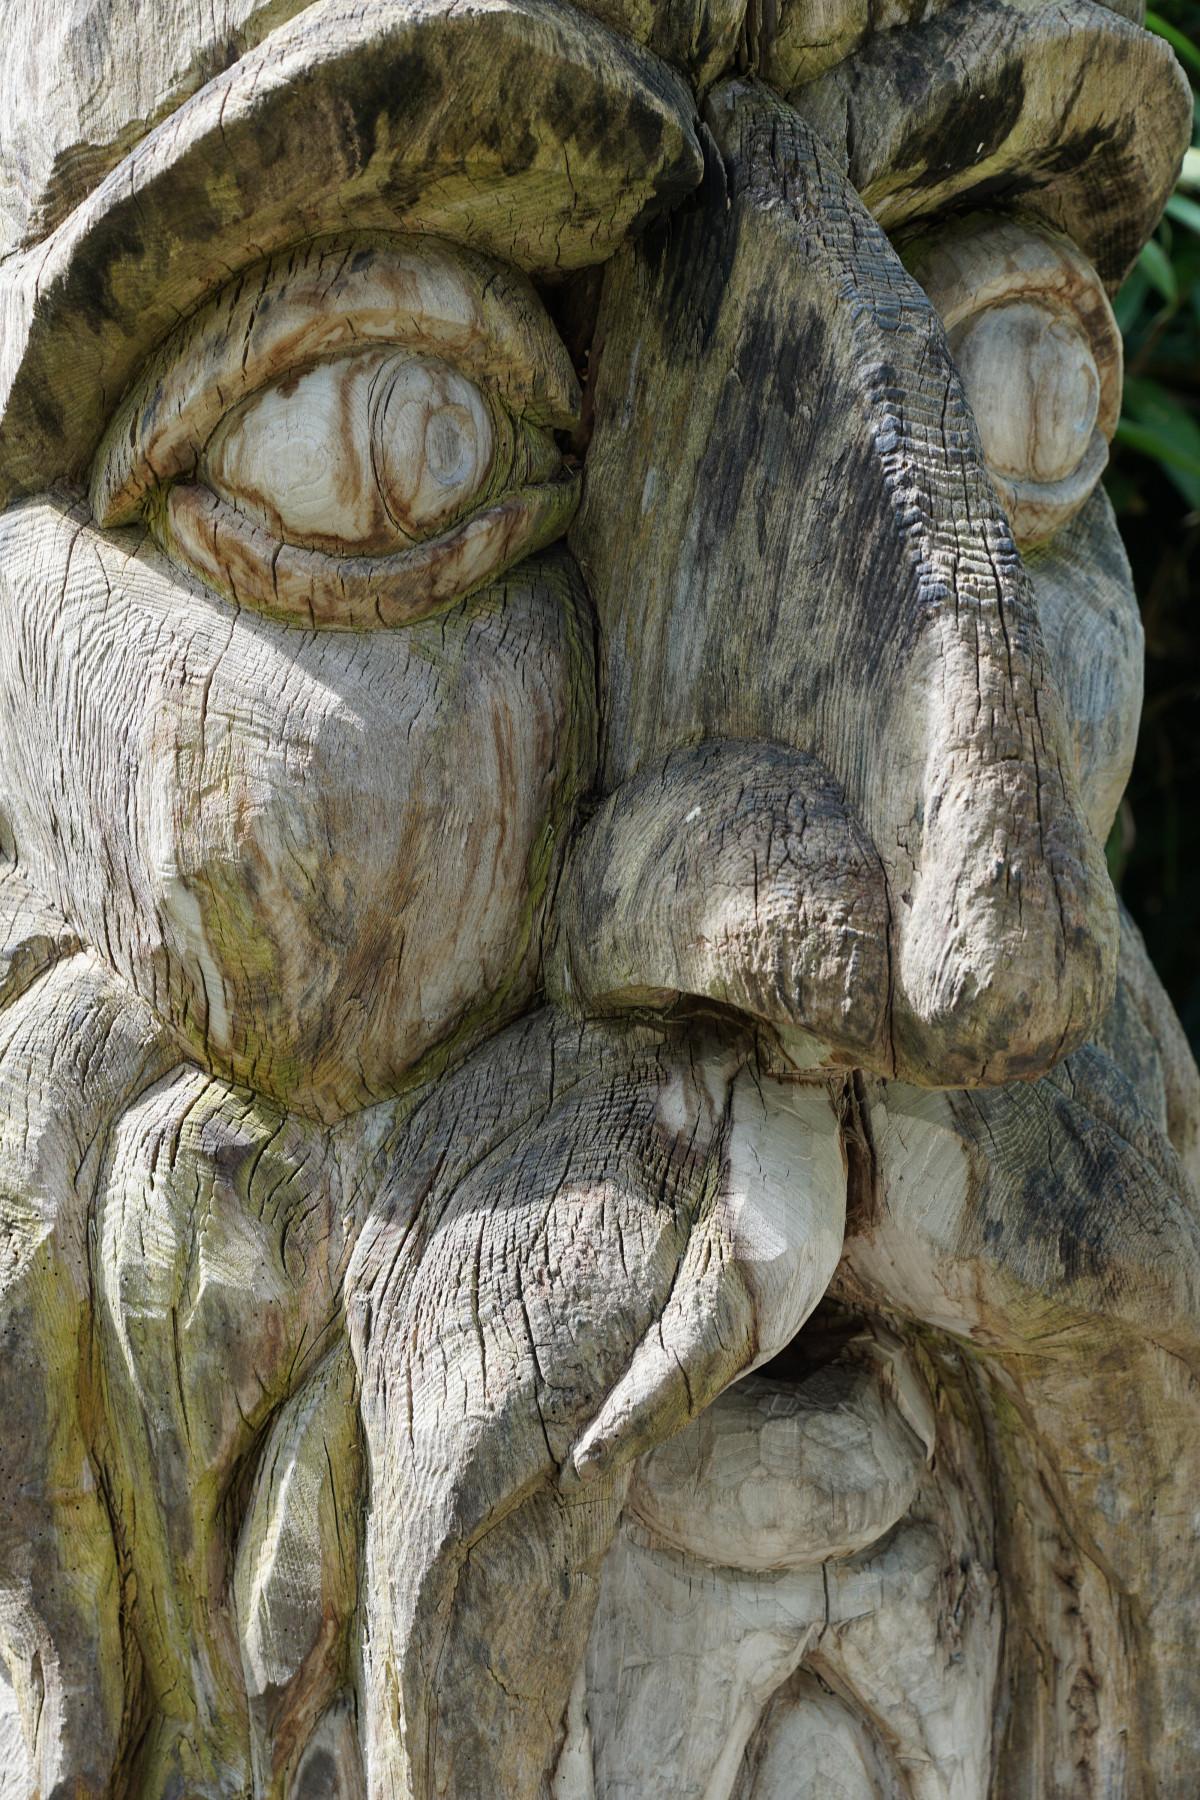 rock madera monumento estatua humano esculpir